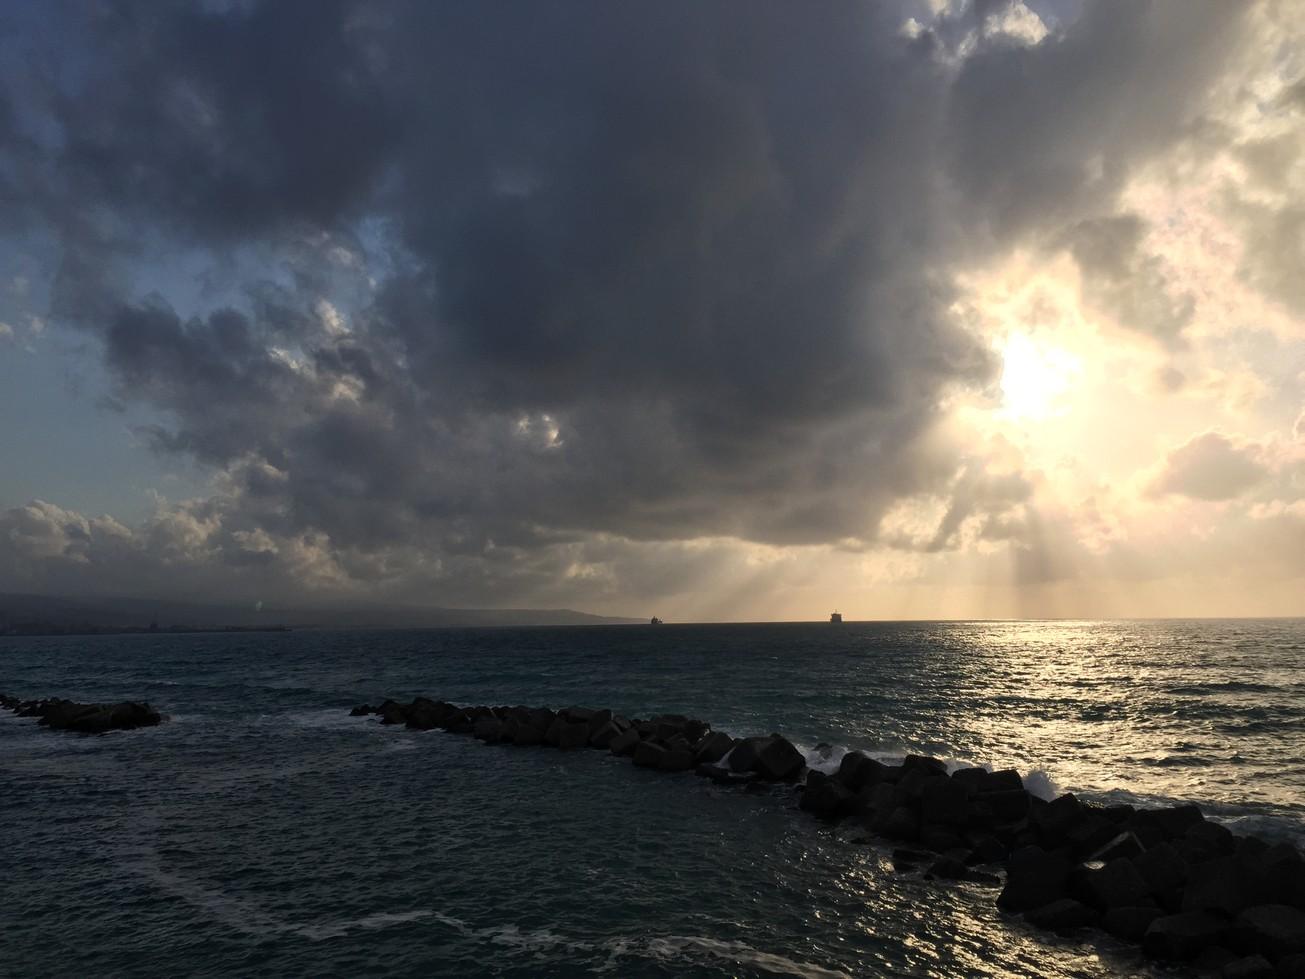 Giovedì 22, ancora piogge sparse sulla Calabria: il dettaglio.